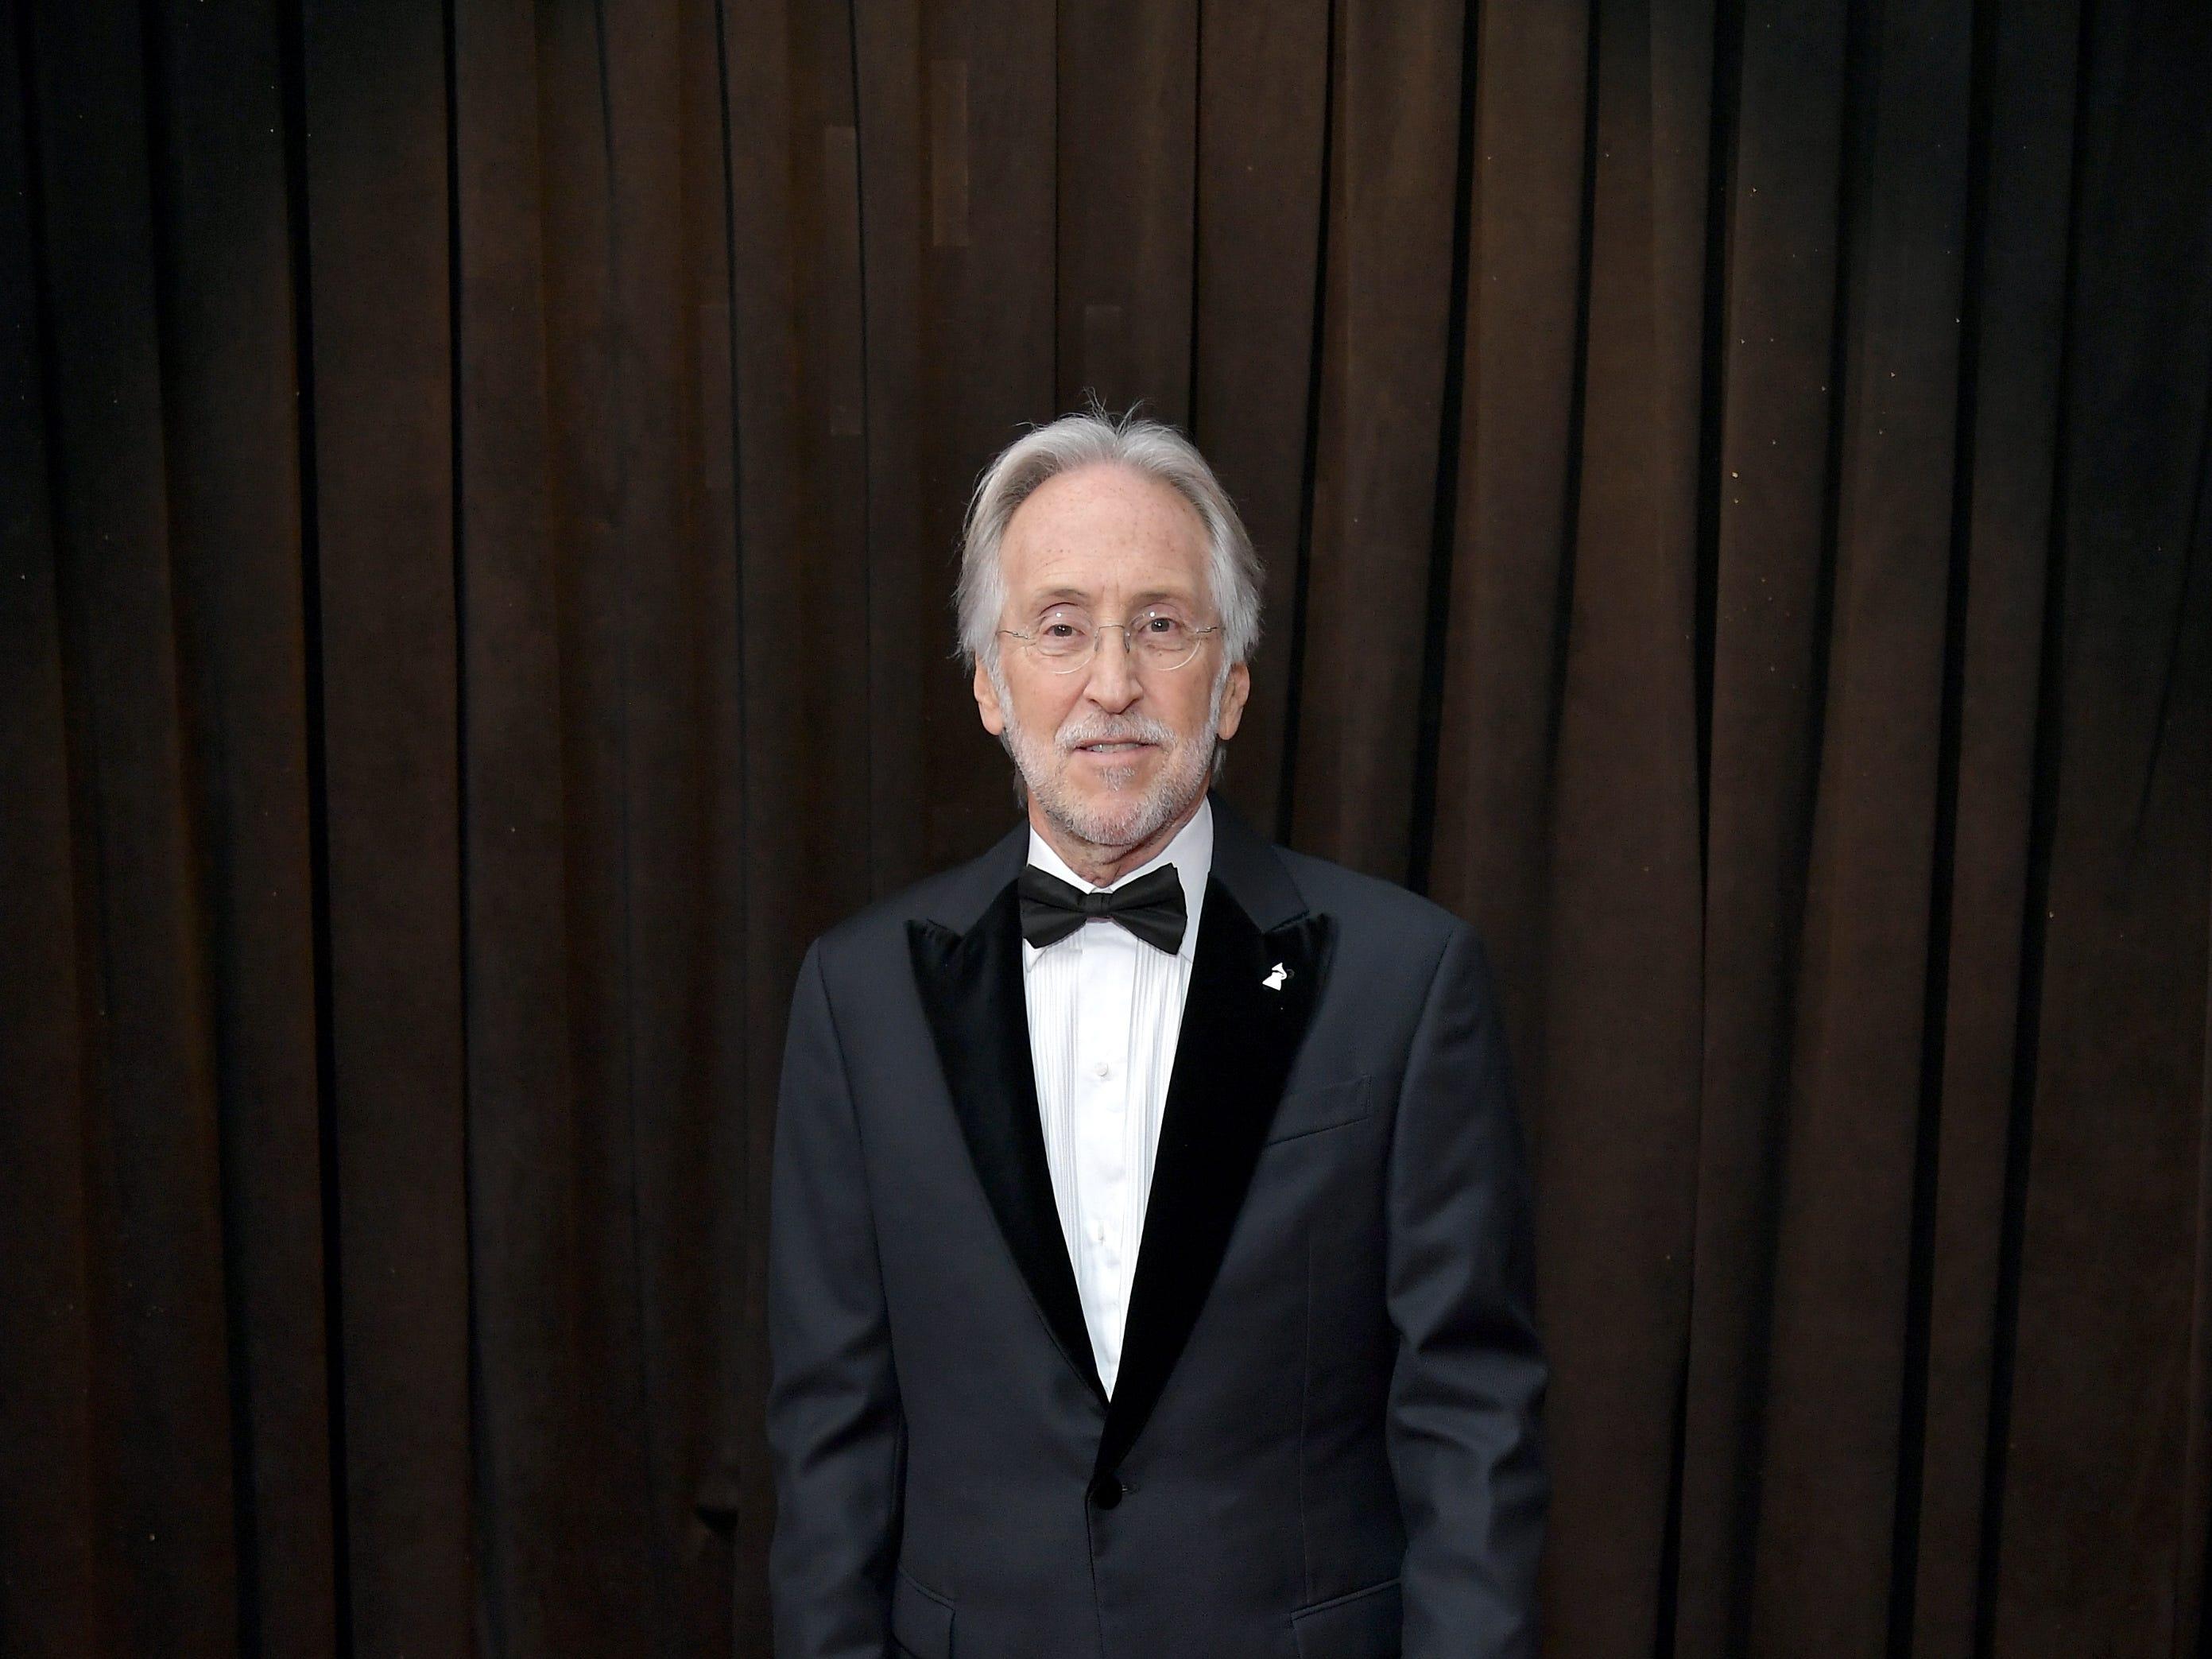 El presidente y CEO de The Recording Academy Neil Portnow  asisten\ a la 61ª edición de los premios GRAMMY en el Staples Center el 10 de febrero de 2019 en Los Ángeles, California.